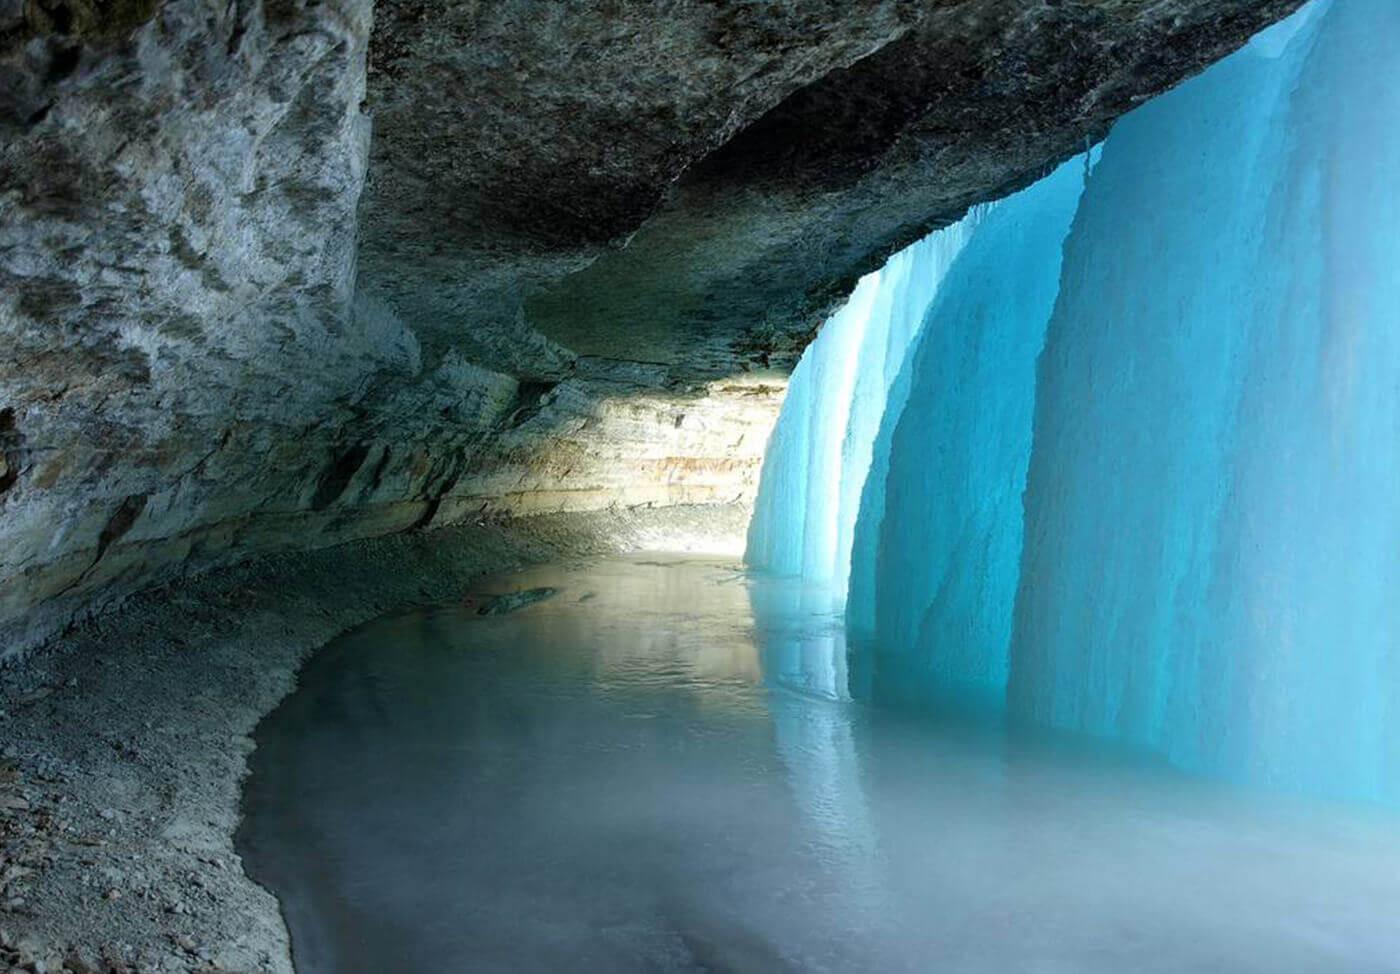 Minnehaha-Falls-Minnesota-1